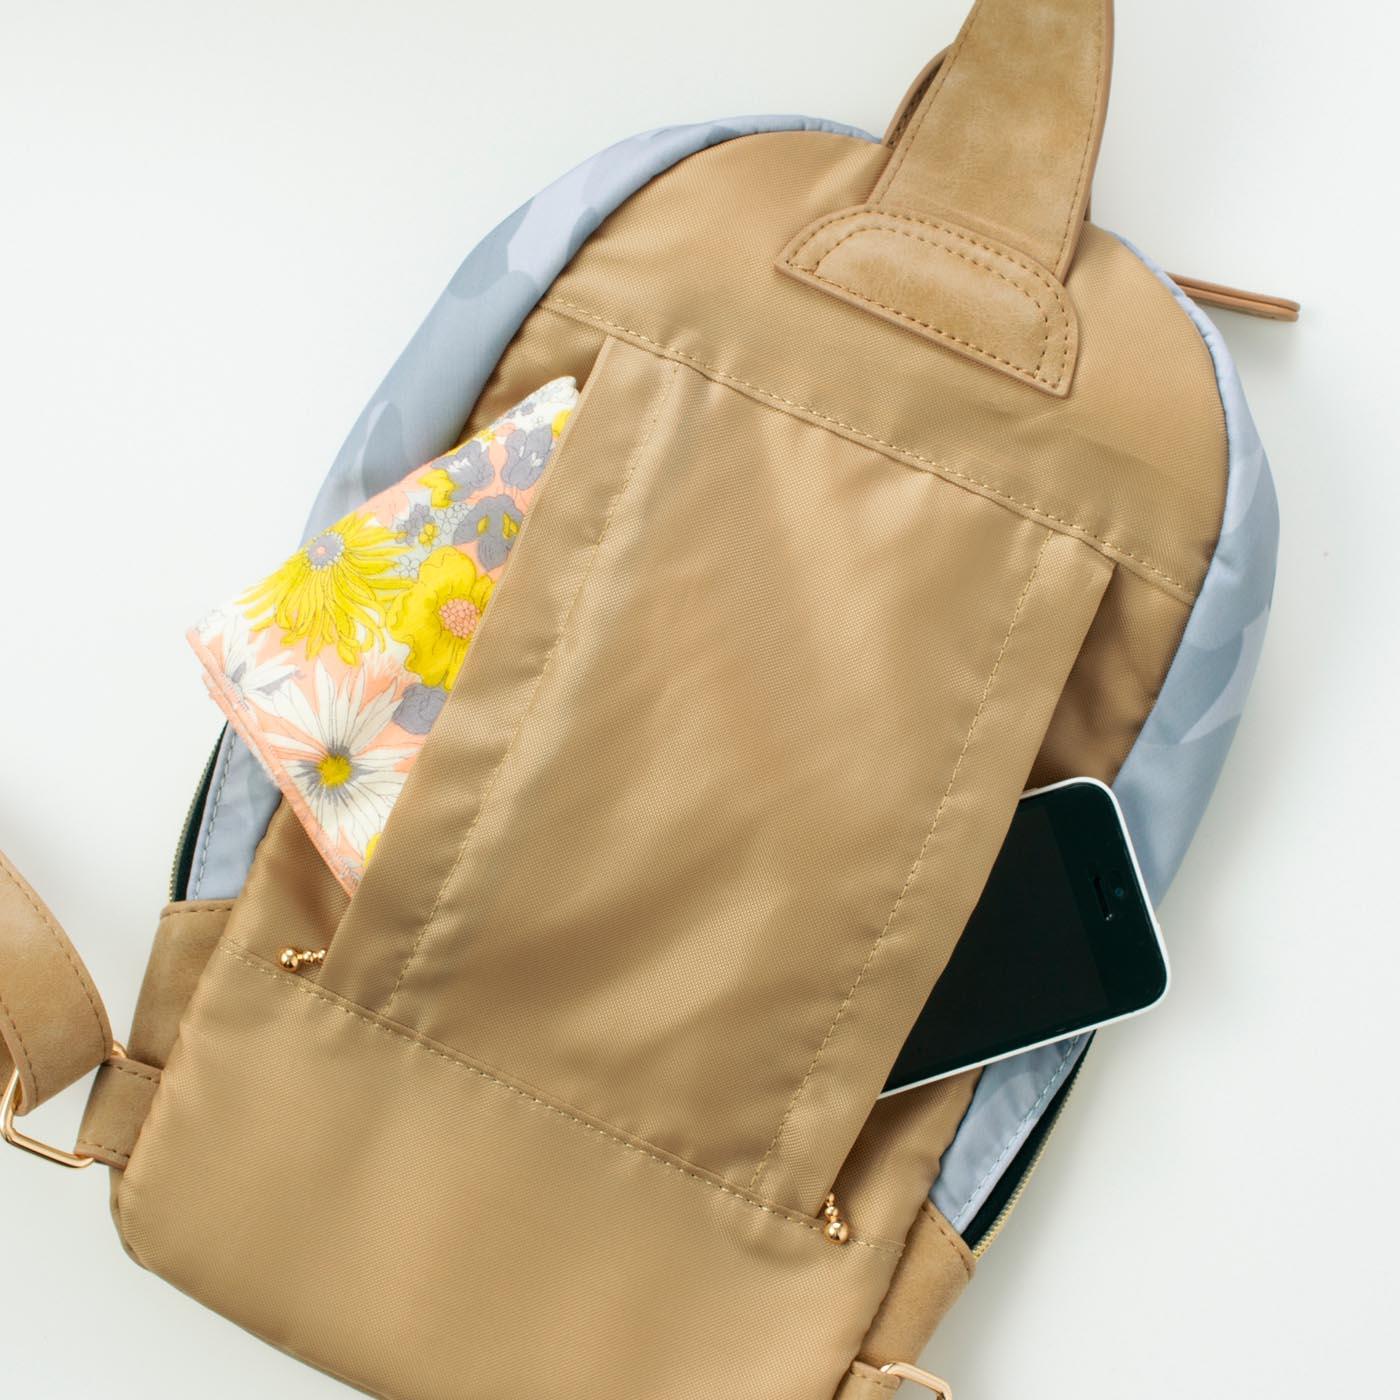 背中側のファスナーポケットは、左右どちらからも入れられる2重仕様。